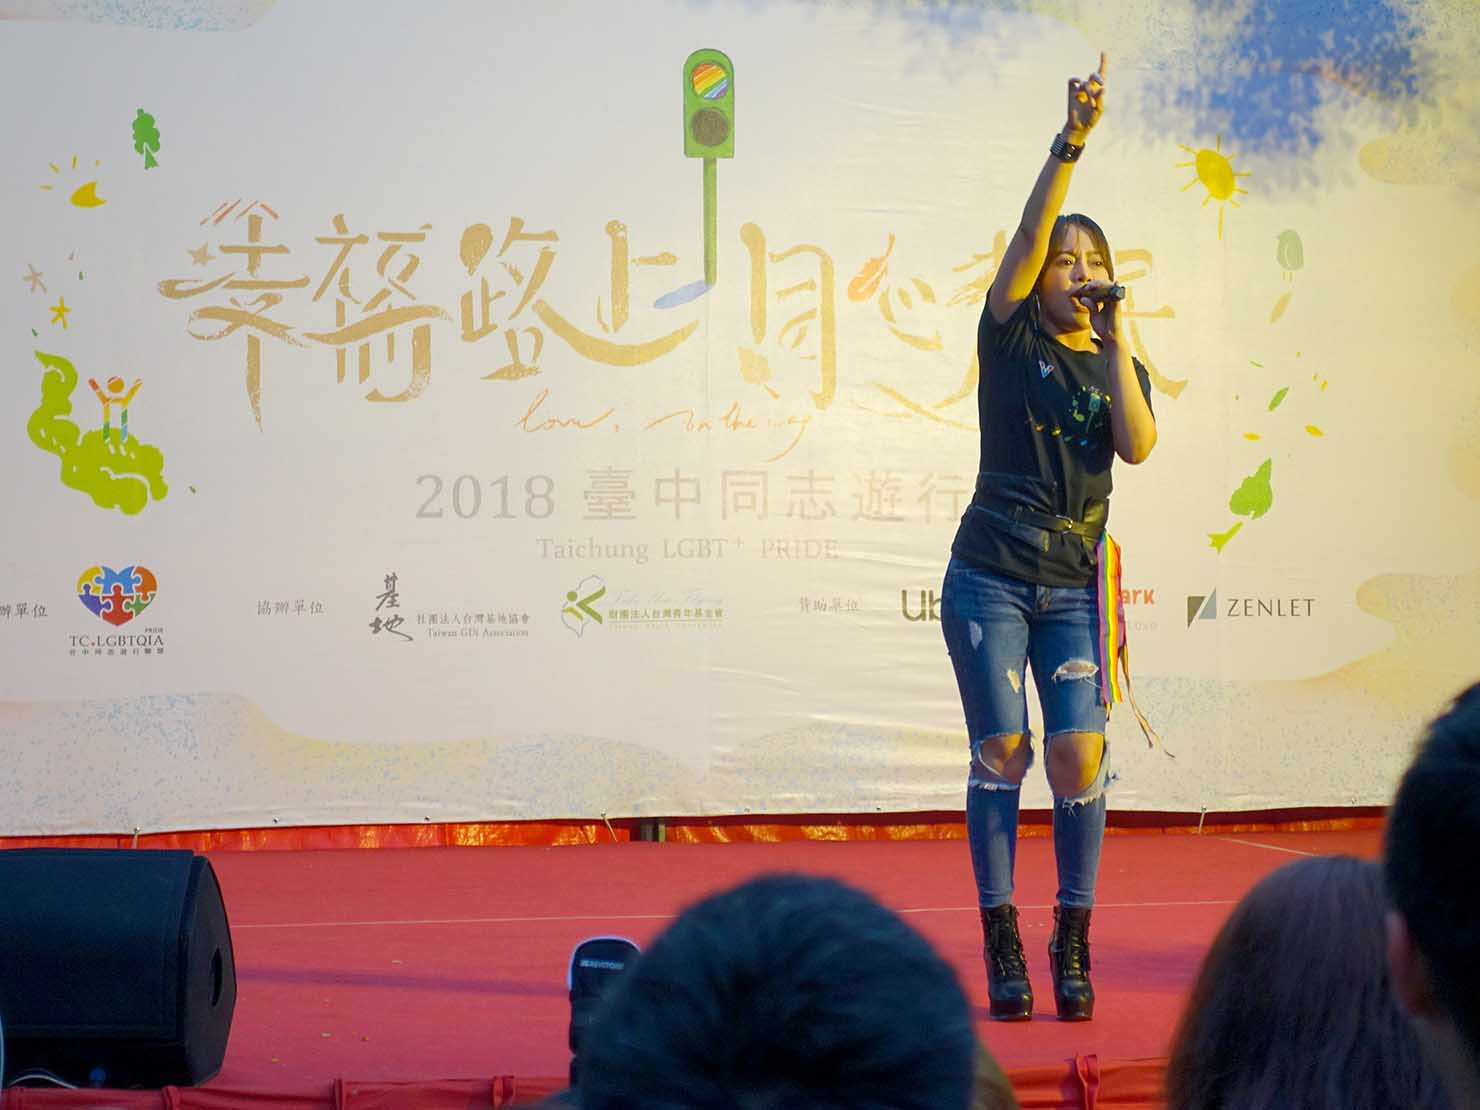 台中同志遊行(台中LGBTプライド)2018のステージでミニライブをする台湾の有名アーティスト・戴愛玲さん